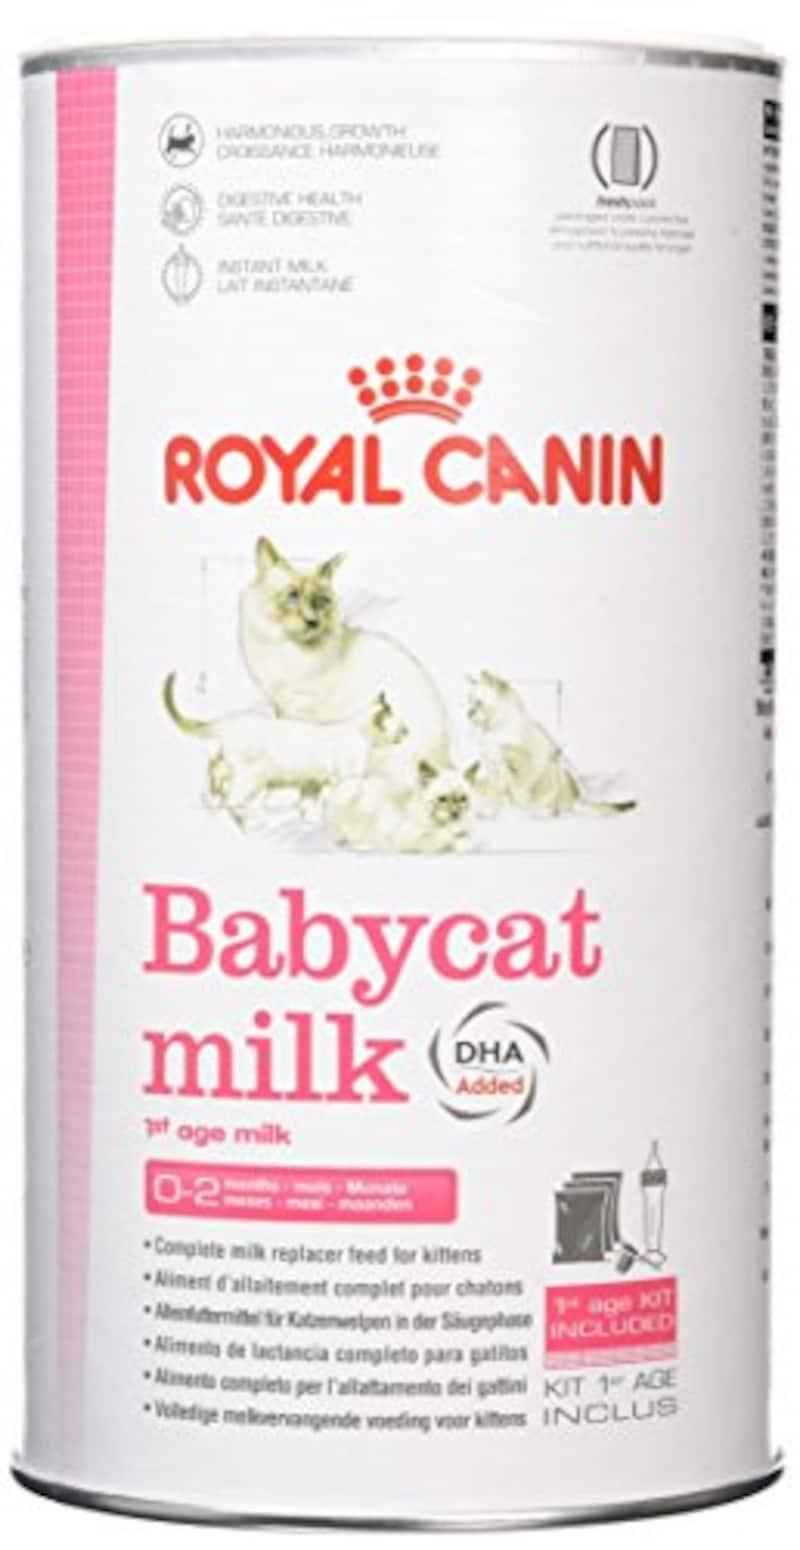 ロイヤルカナン,FHNベビーキャットミルク